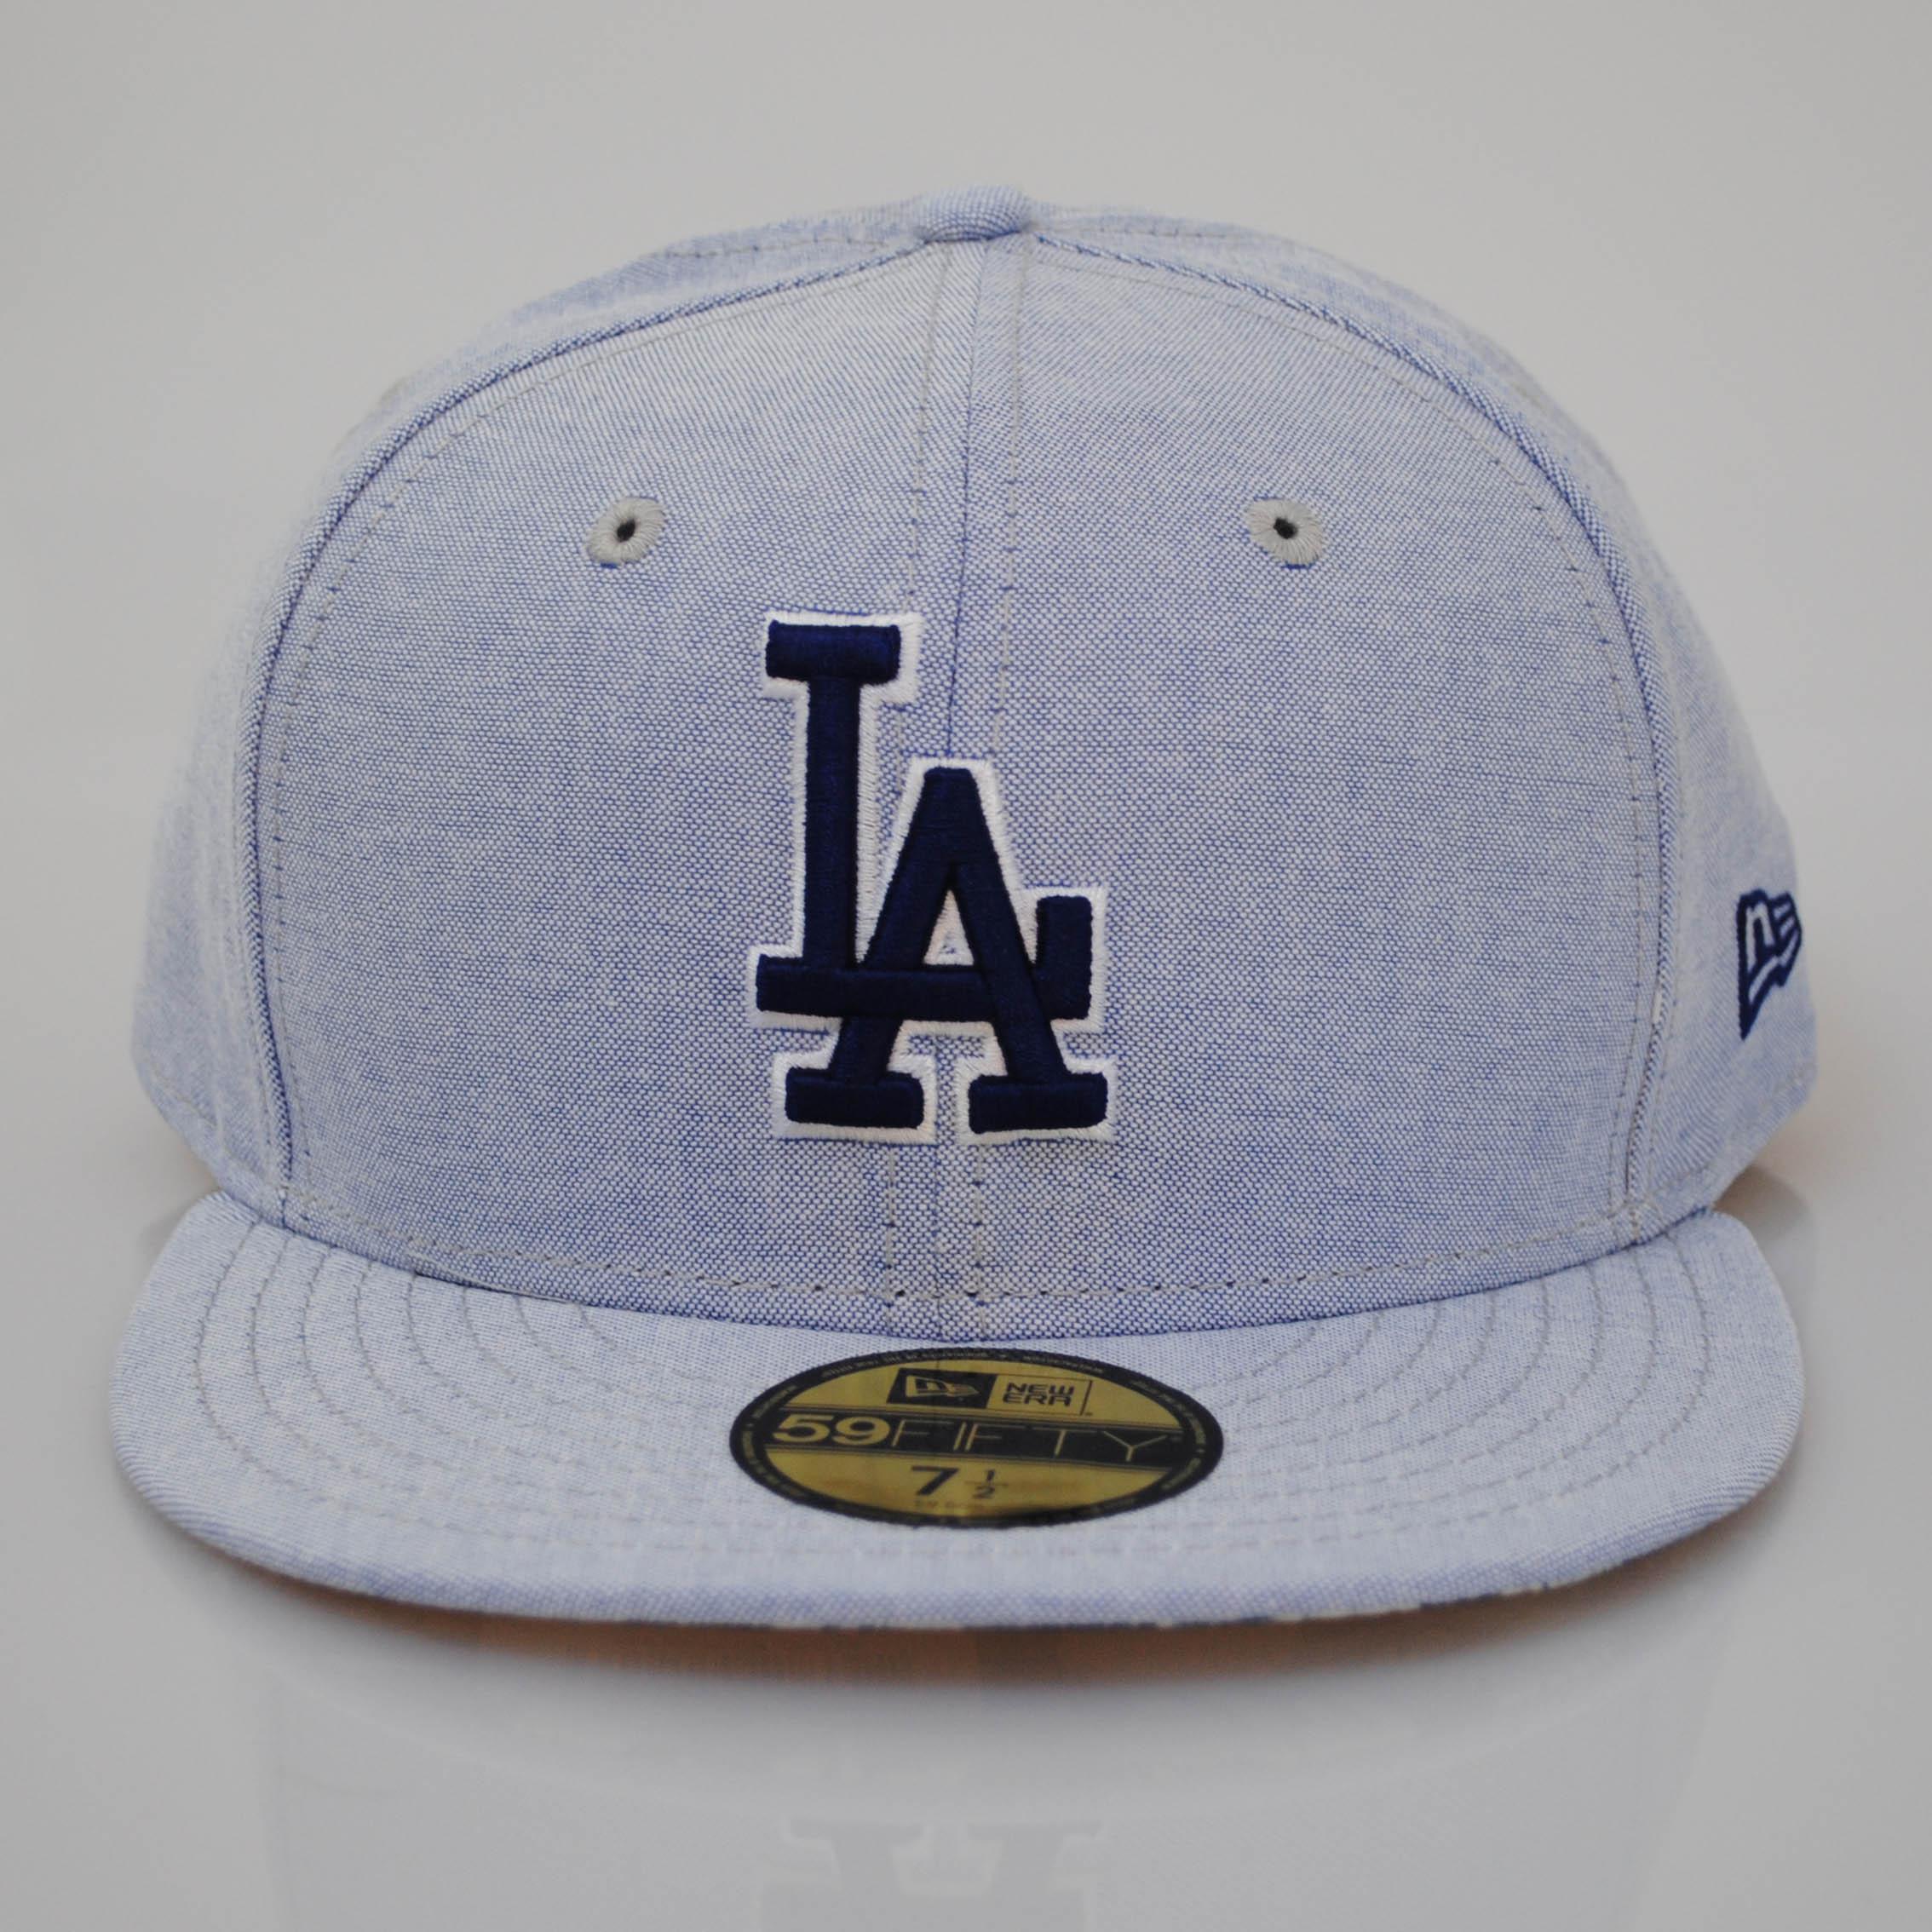 Dodger Hats Lids: New Era 59fifty LA Dodgers Flip Up Tropical Floral Blue